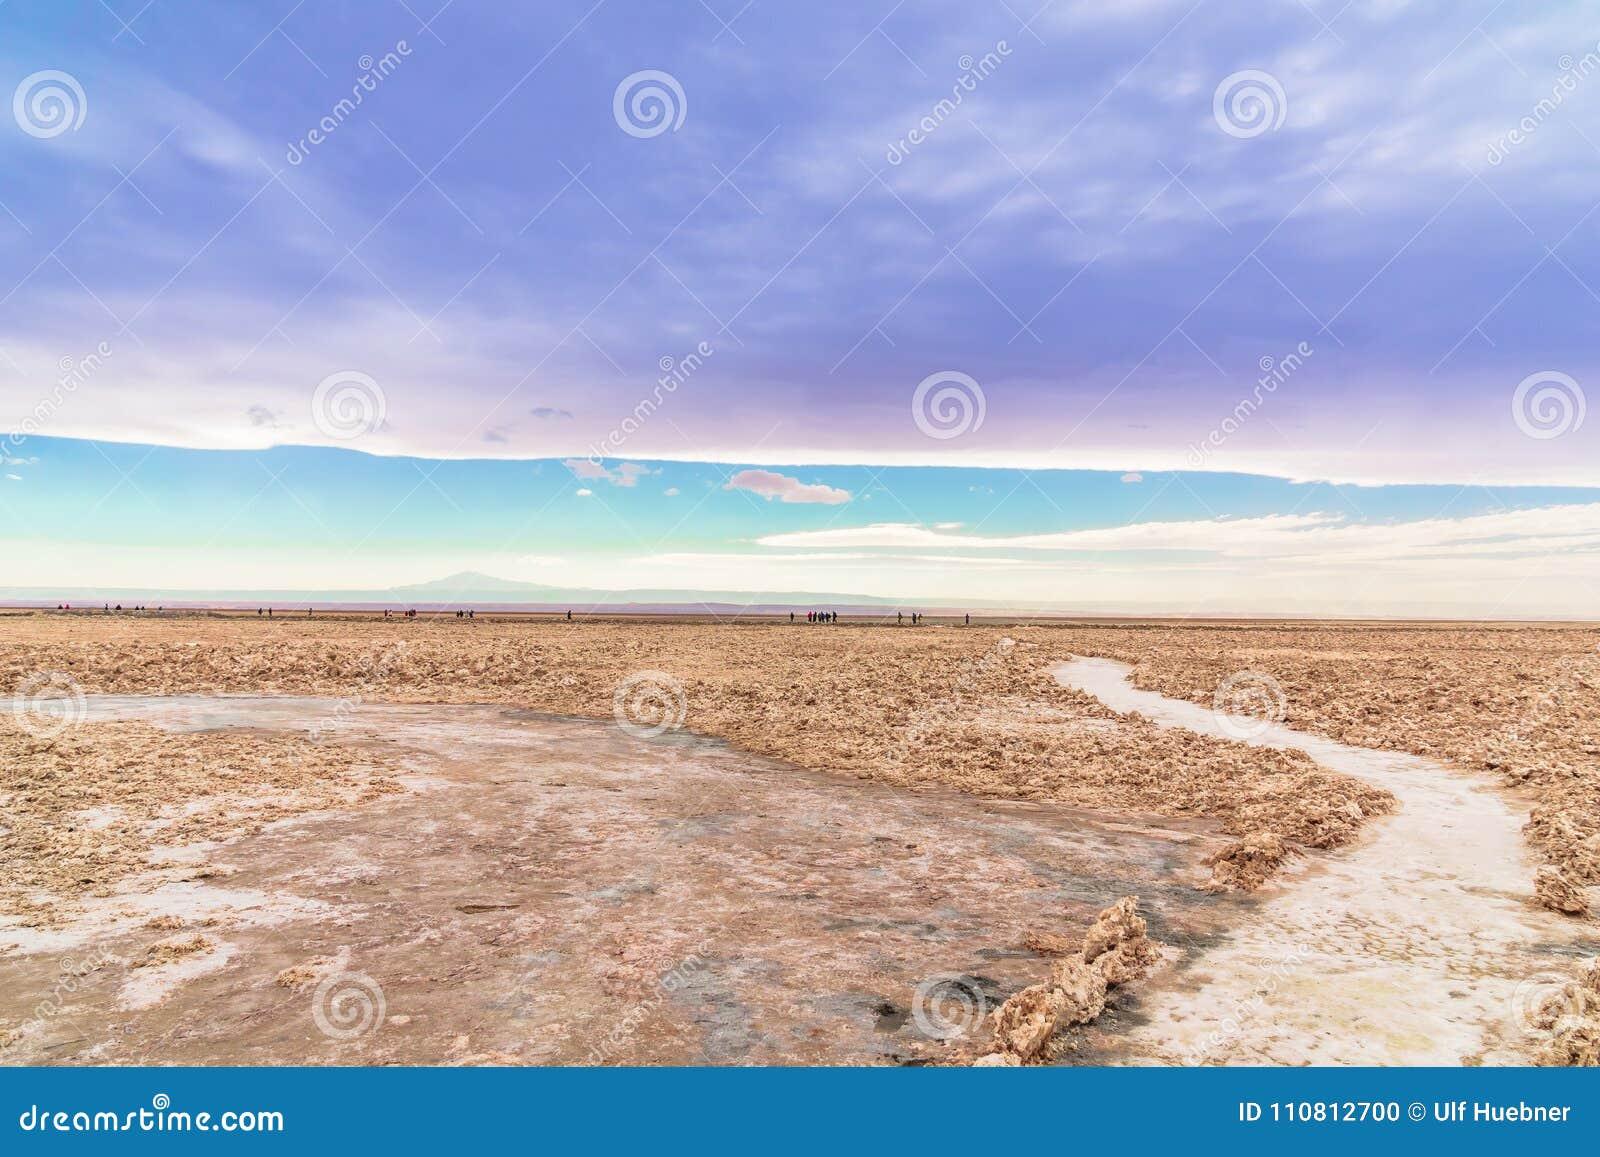 Zout landschap door lagune Cejar in de woestijn van Atacama - Chili